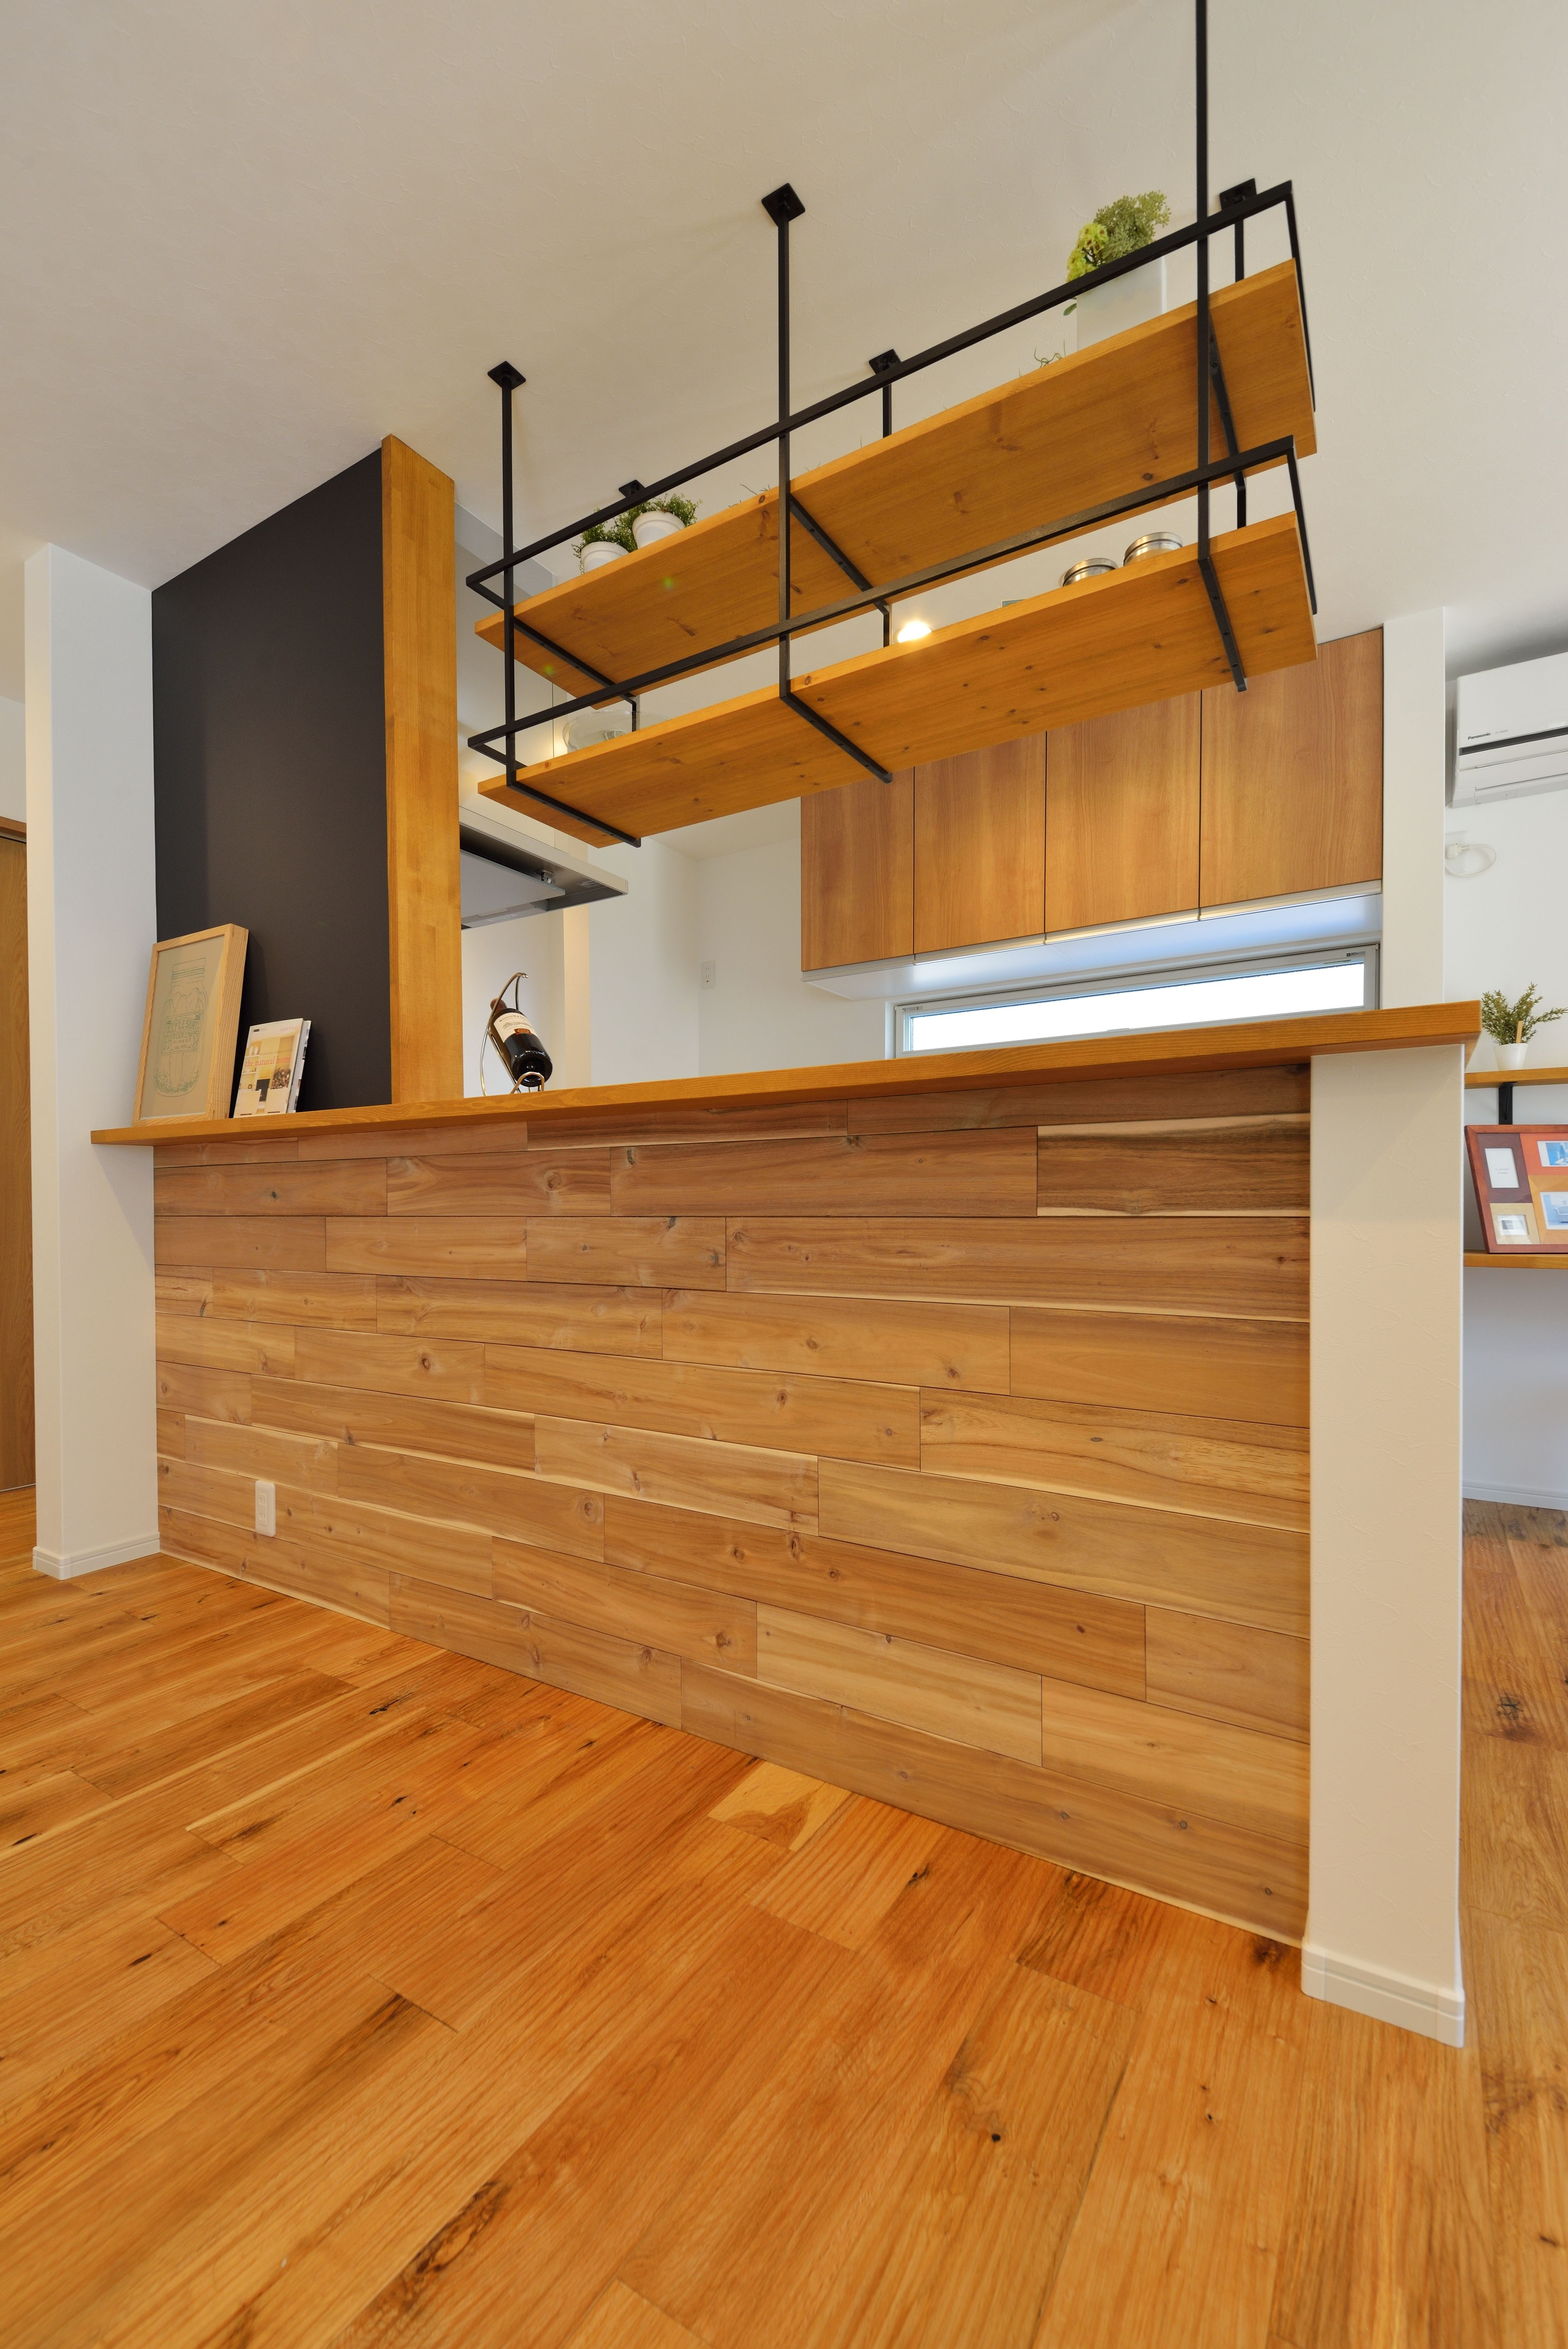 キッチン 腰壁には ホワイトウォールナット の羽目板でアクセント 上部に設けた吊り棚はアイアンの強さと素材の美しさが際立つオリジナルのデザイン キッチン アイアン